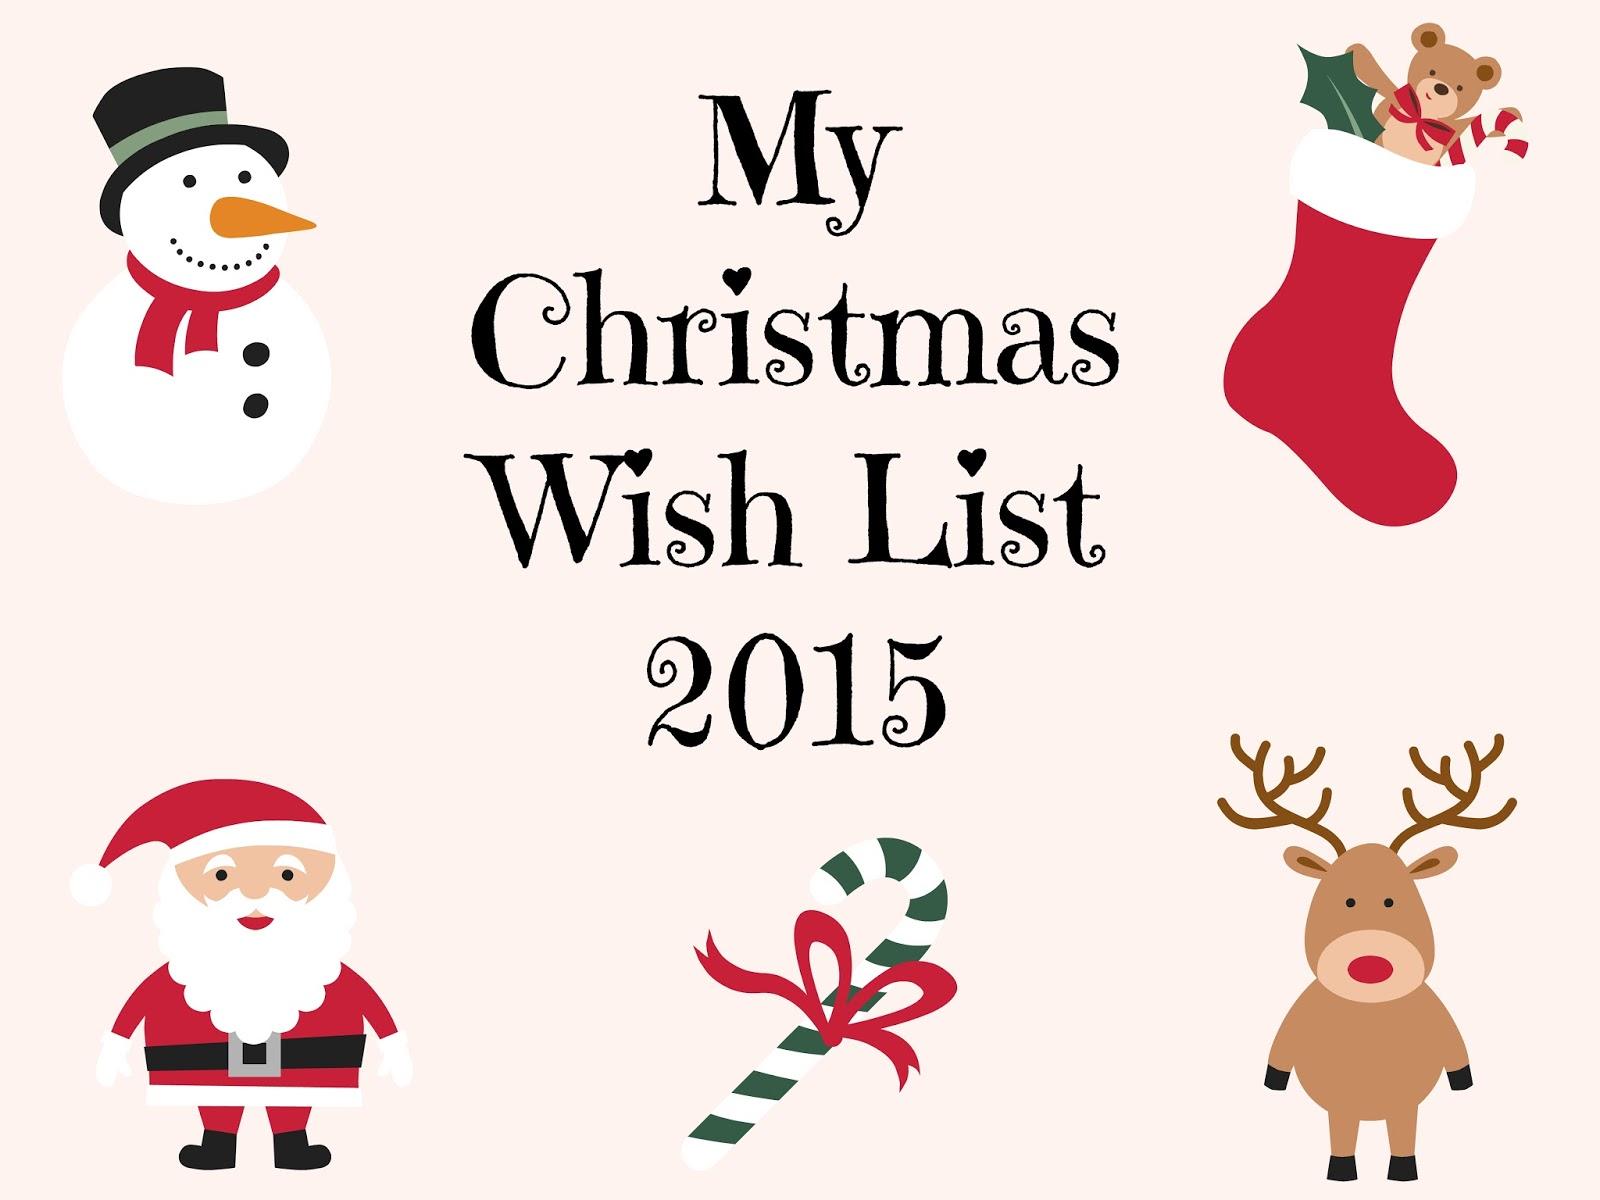 My Christmas Wish List.My Christmas Wish List 2015 Mammaful Zo Beauty Fashion